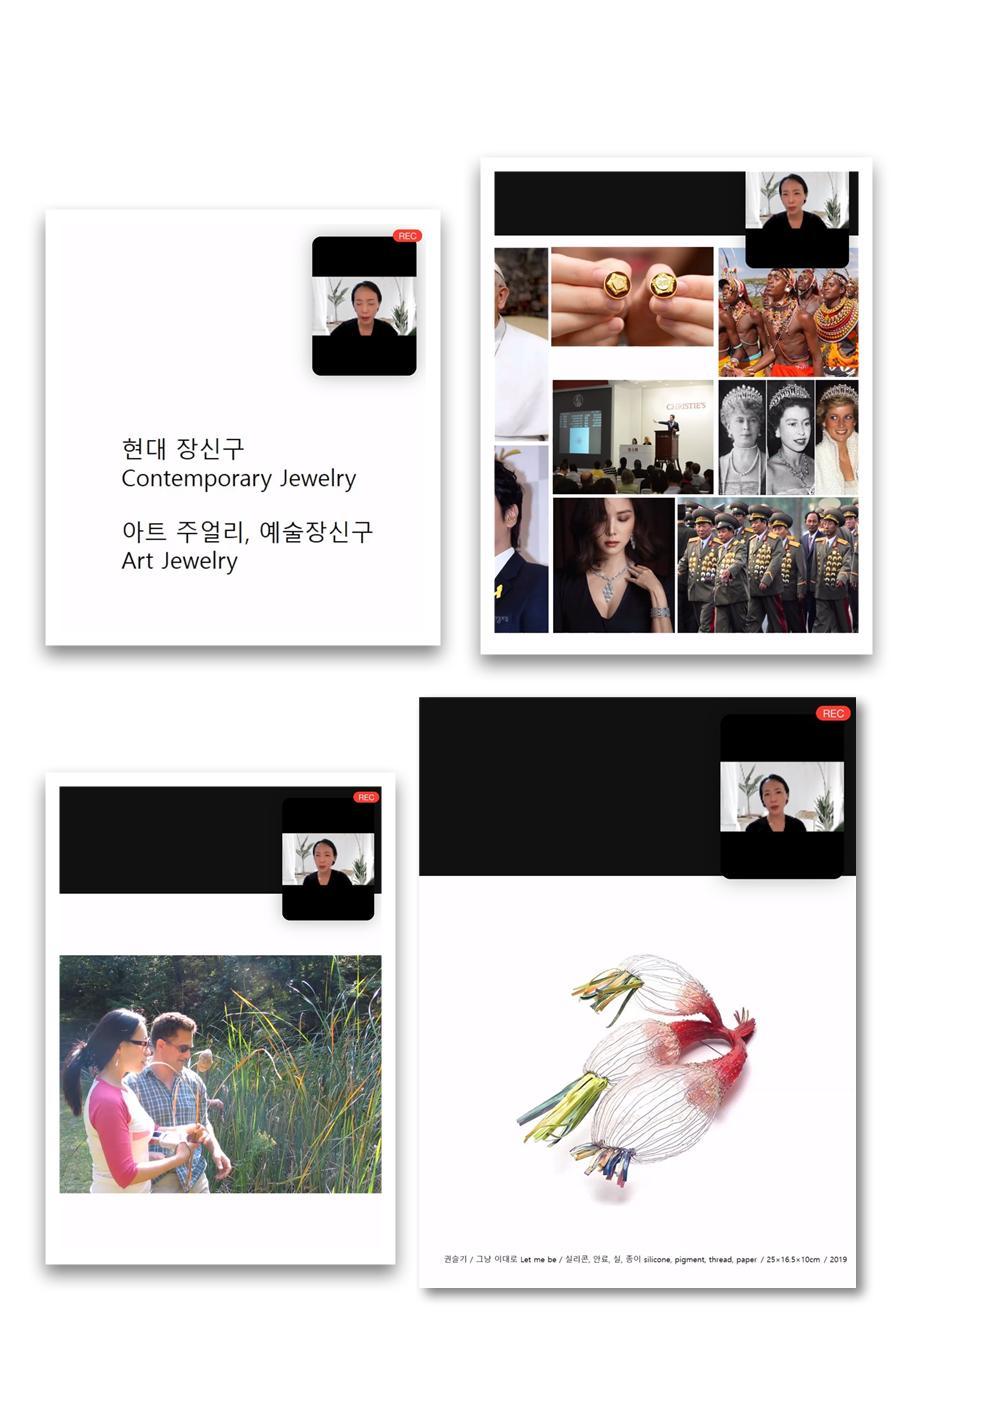 2회 워크숍_한국 현대 장신구 교육_신혜정 학술교육위원장002.jpg